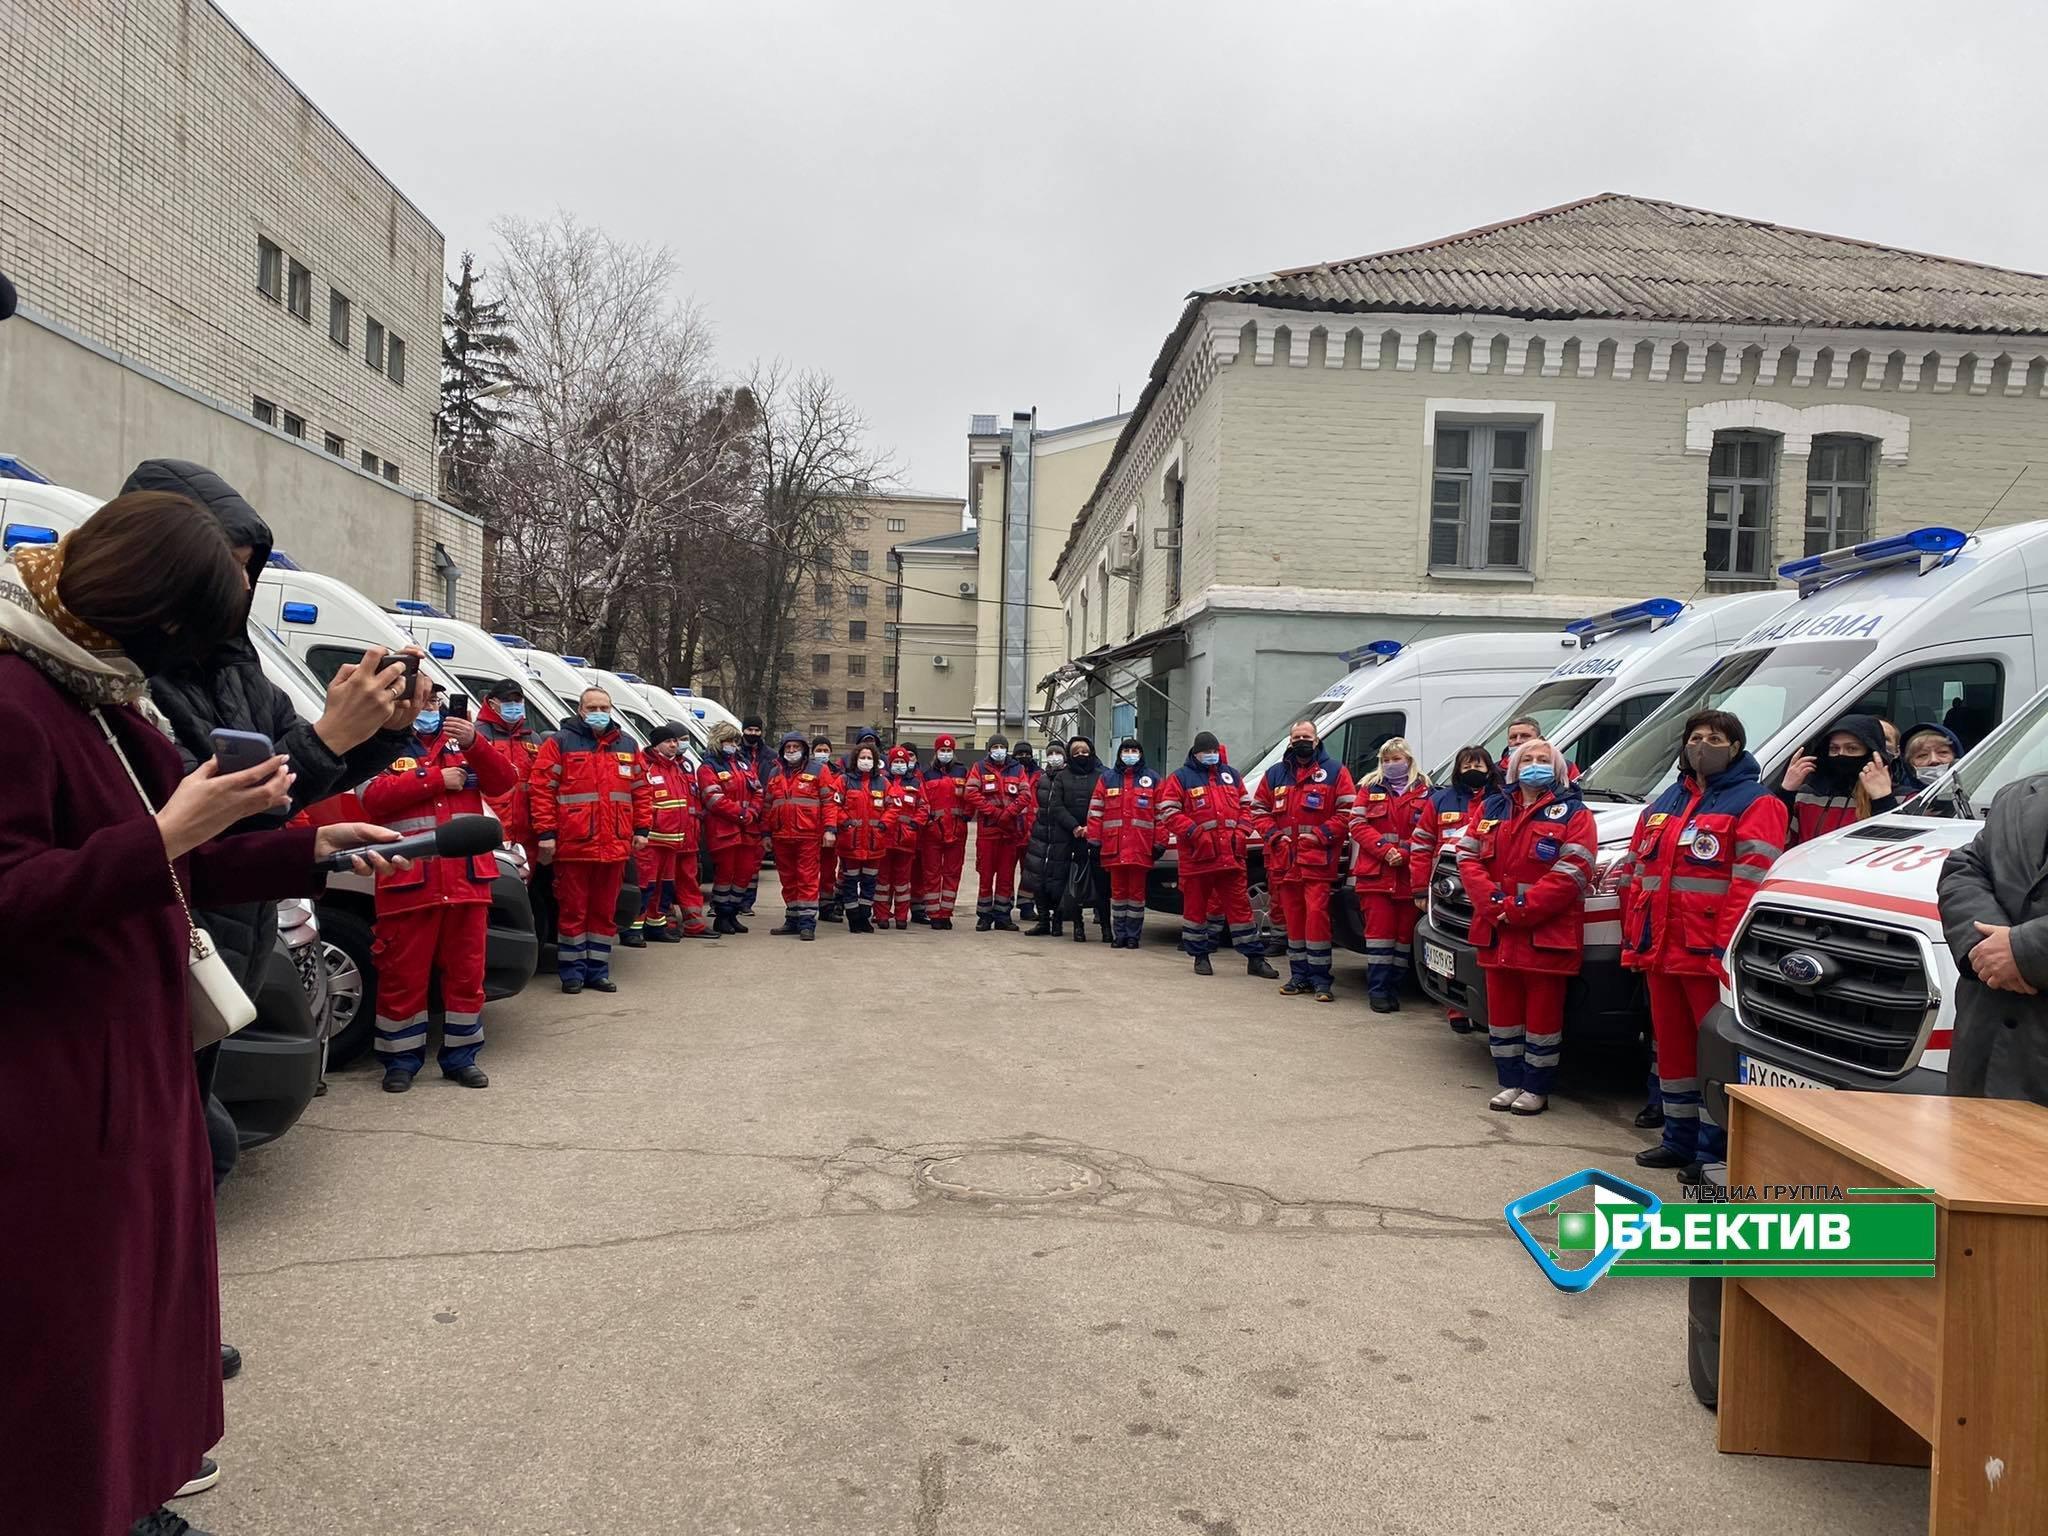 """Бригадам харьковской """"скорой"""" передали новые автомобили с аппаратами ИВЛ (видео, фото)"""